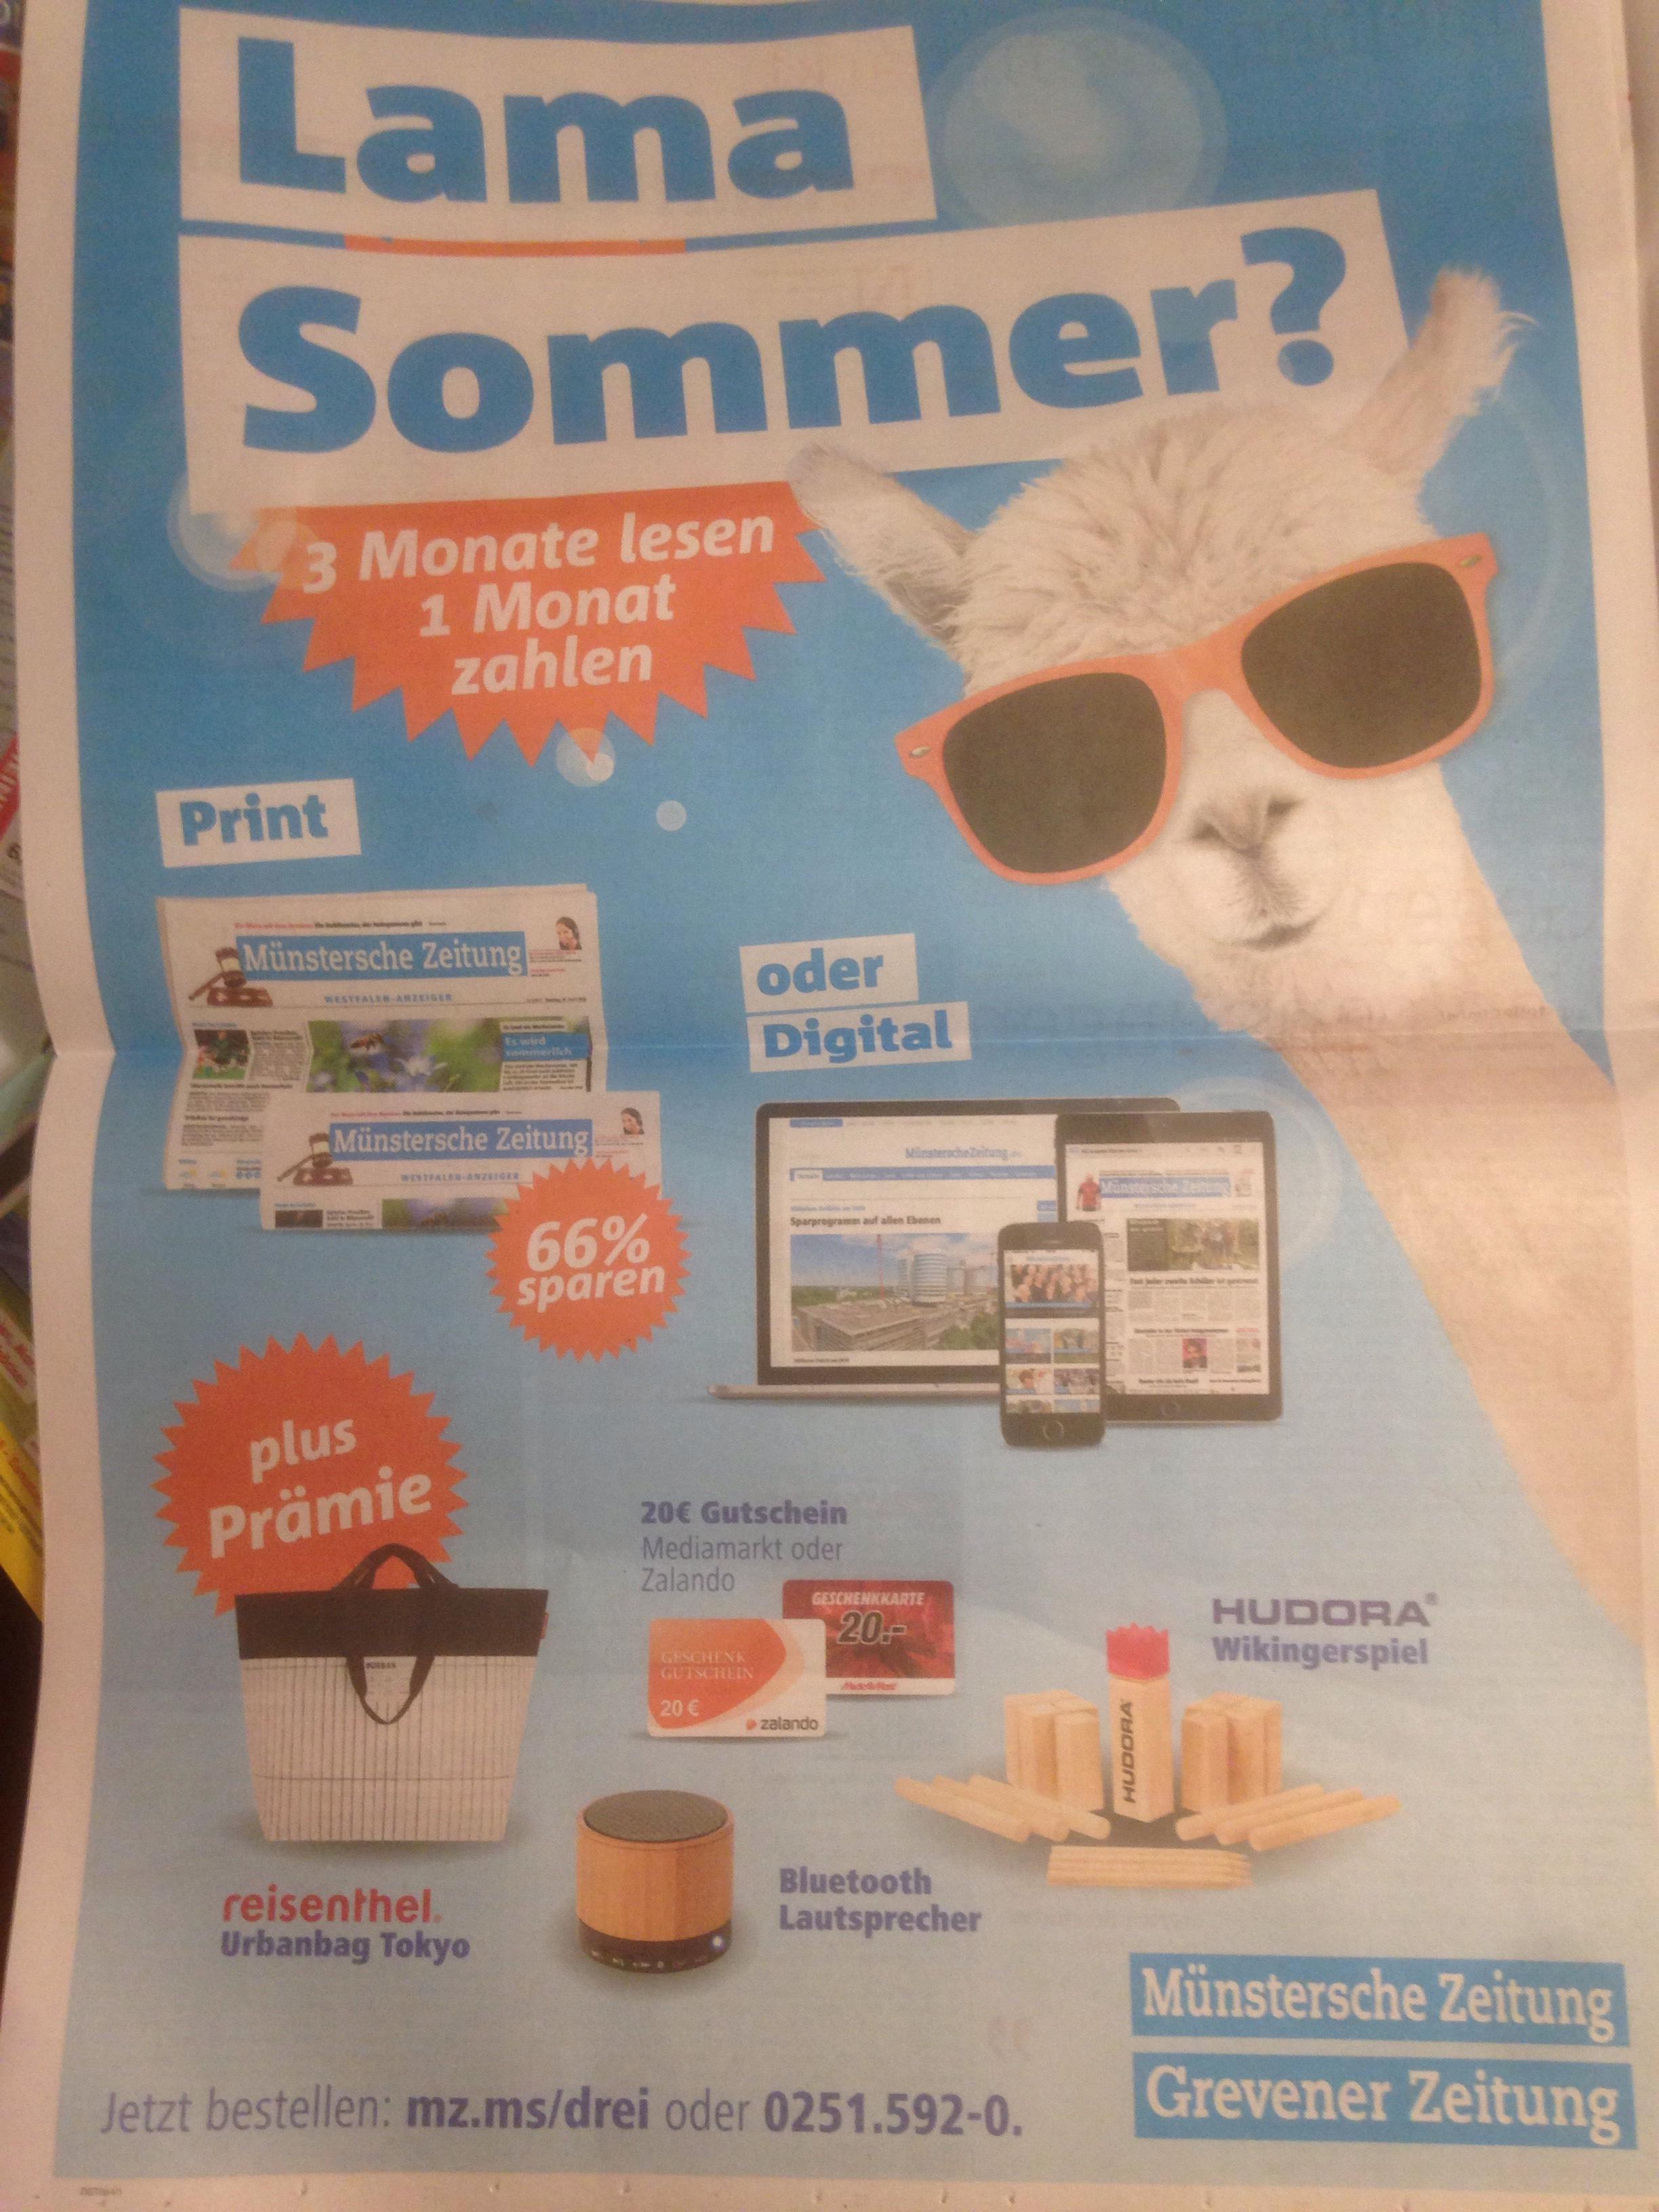 [lokal] Münstersche Zeitung 3 für 1 plus 20€ Gutschein von Mediamarkt oder zalando